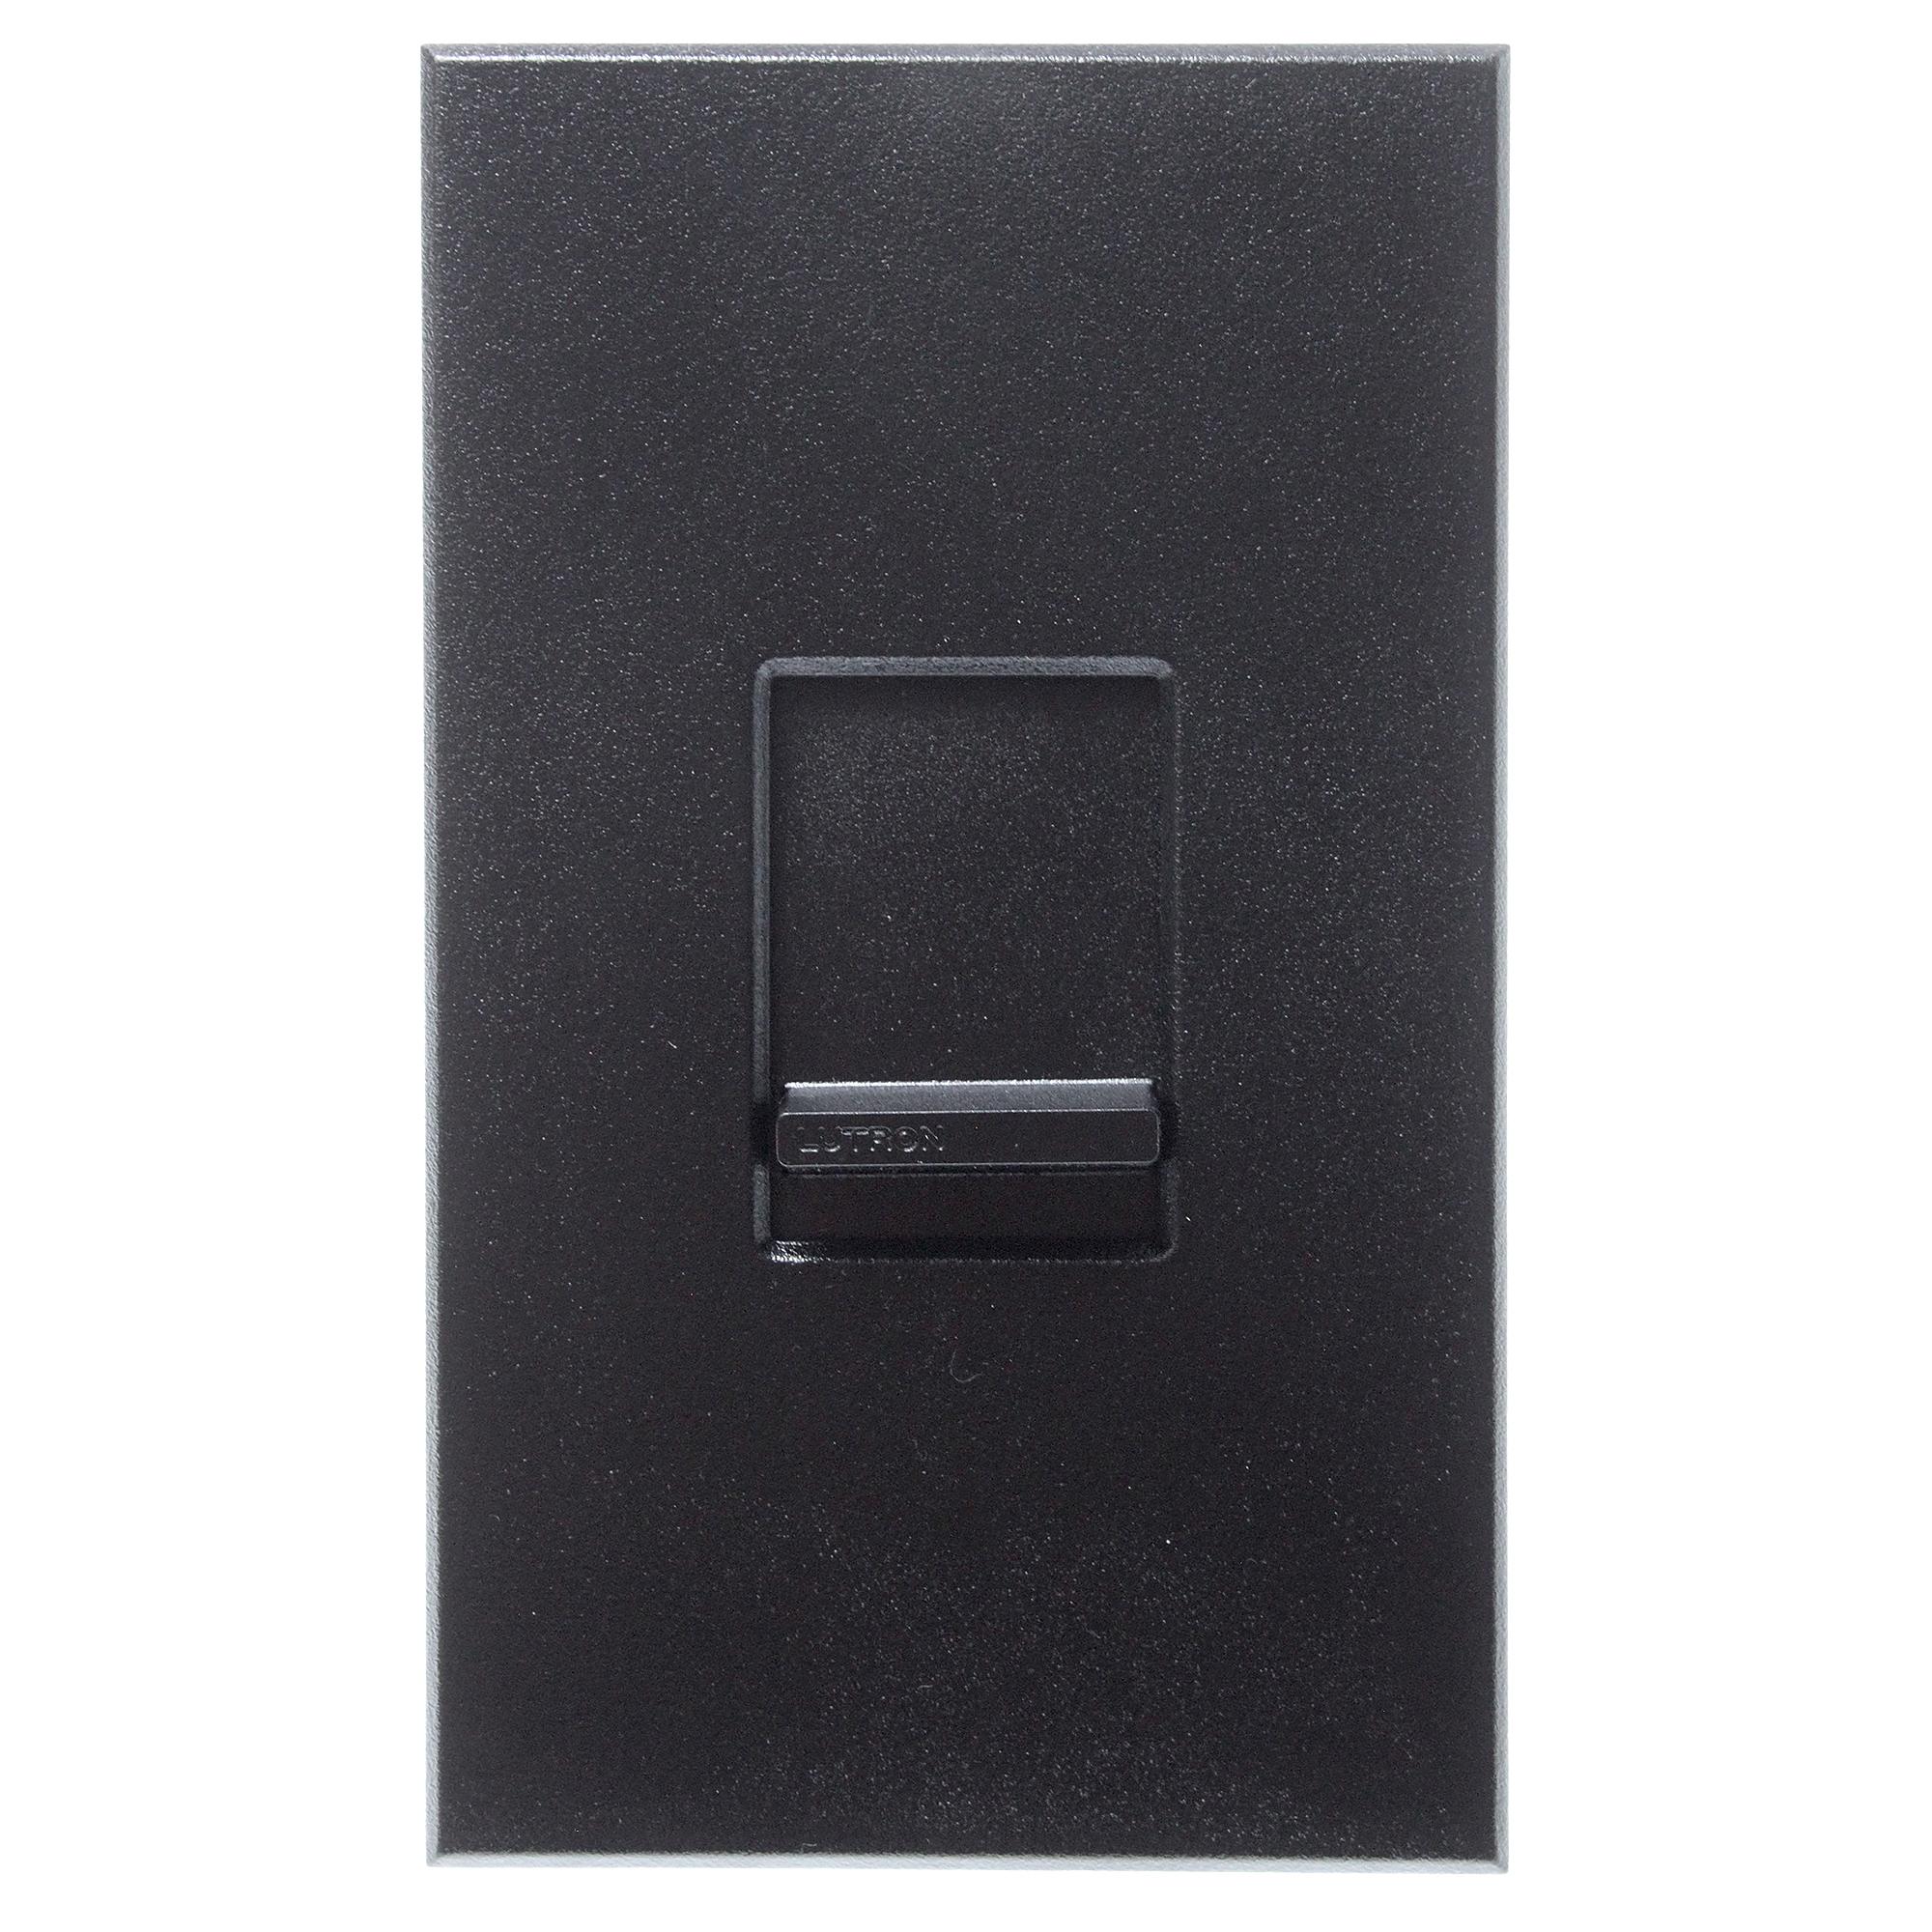 lutron nf 10 277 bl nova 277v 8a hi lume led single pole. Black Bedroom Furniture Sets. Home Design Ideas